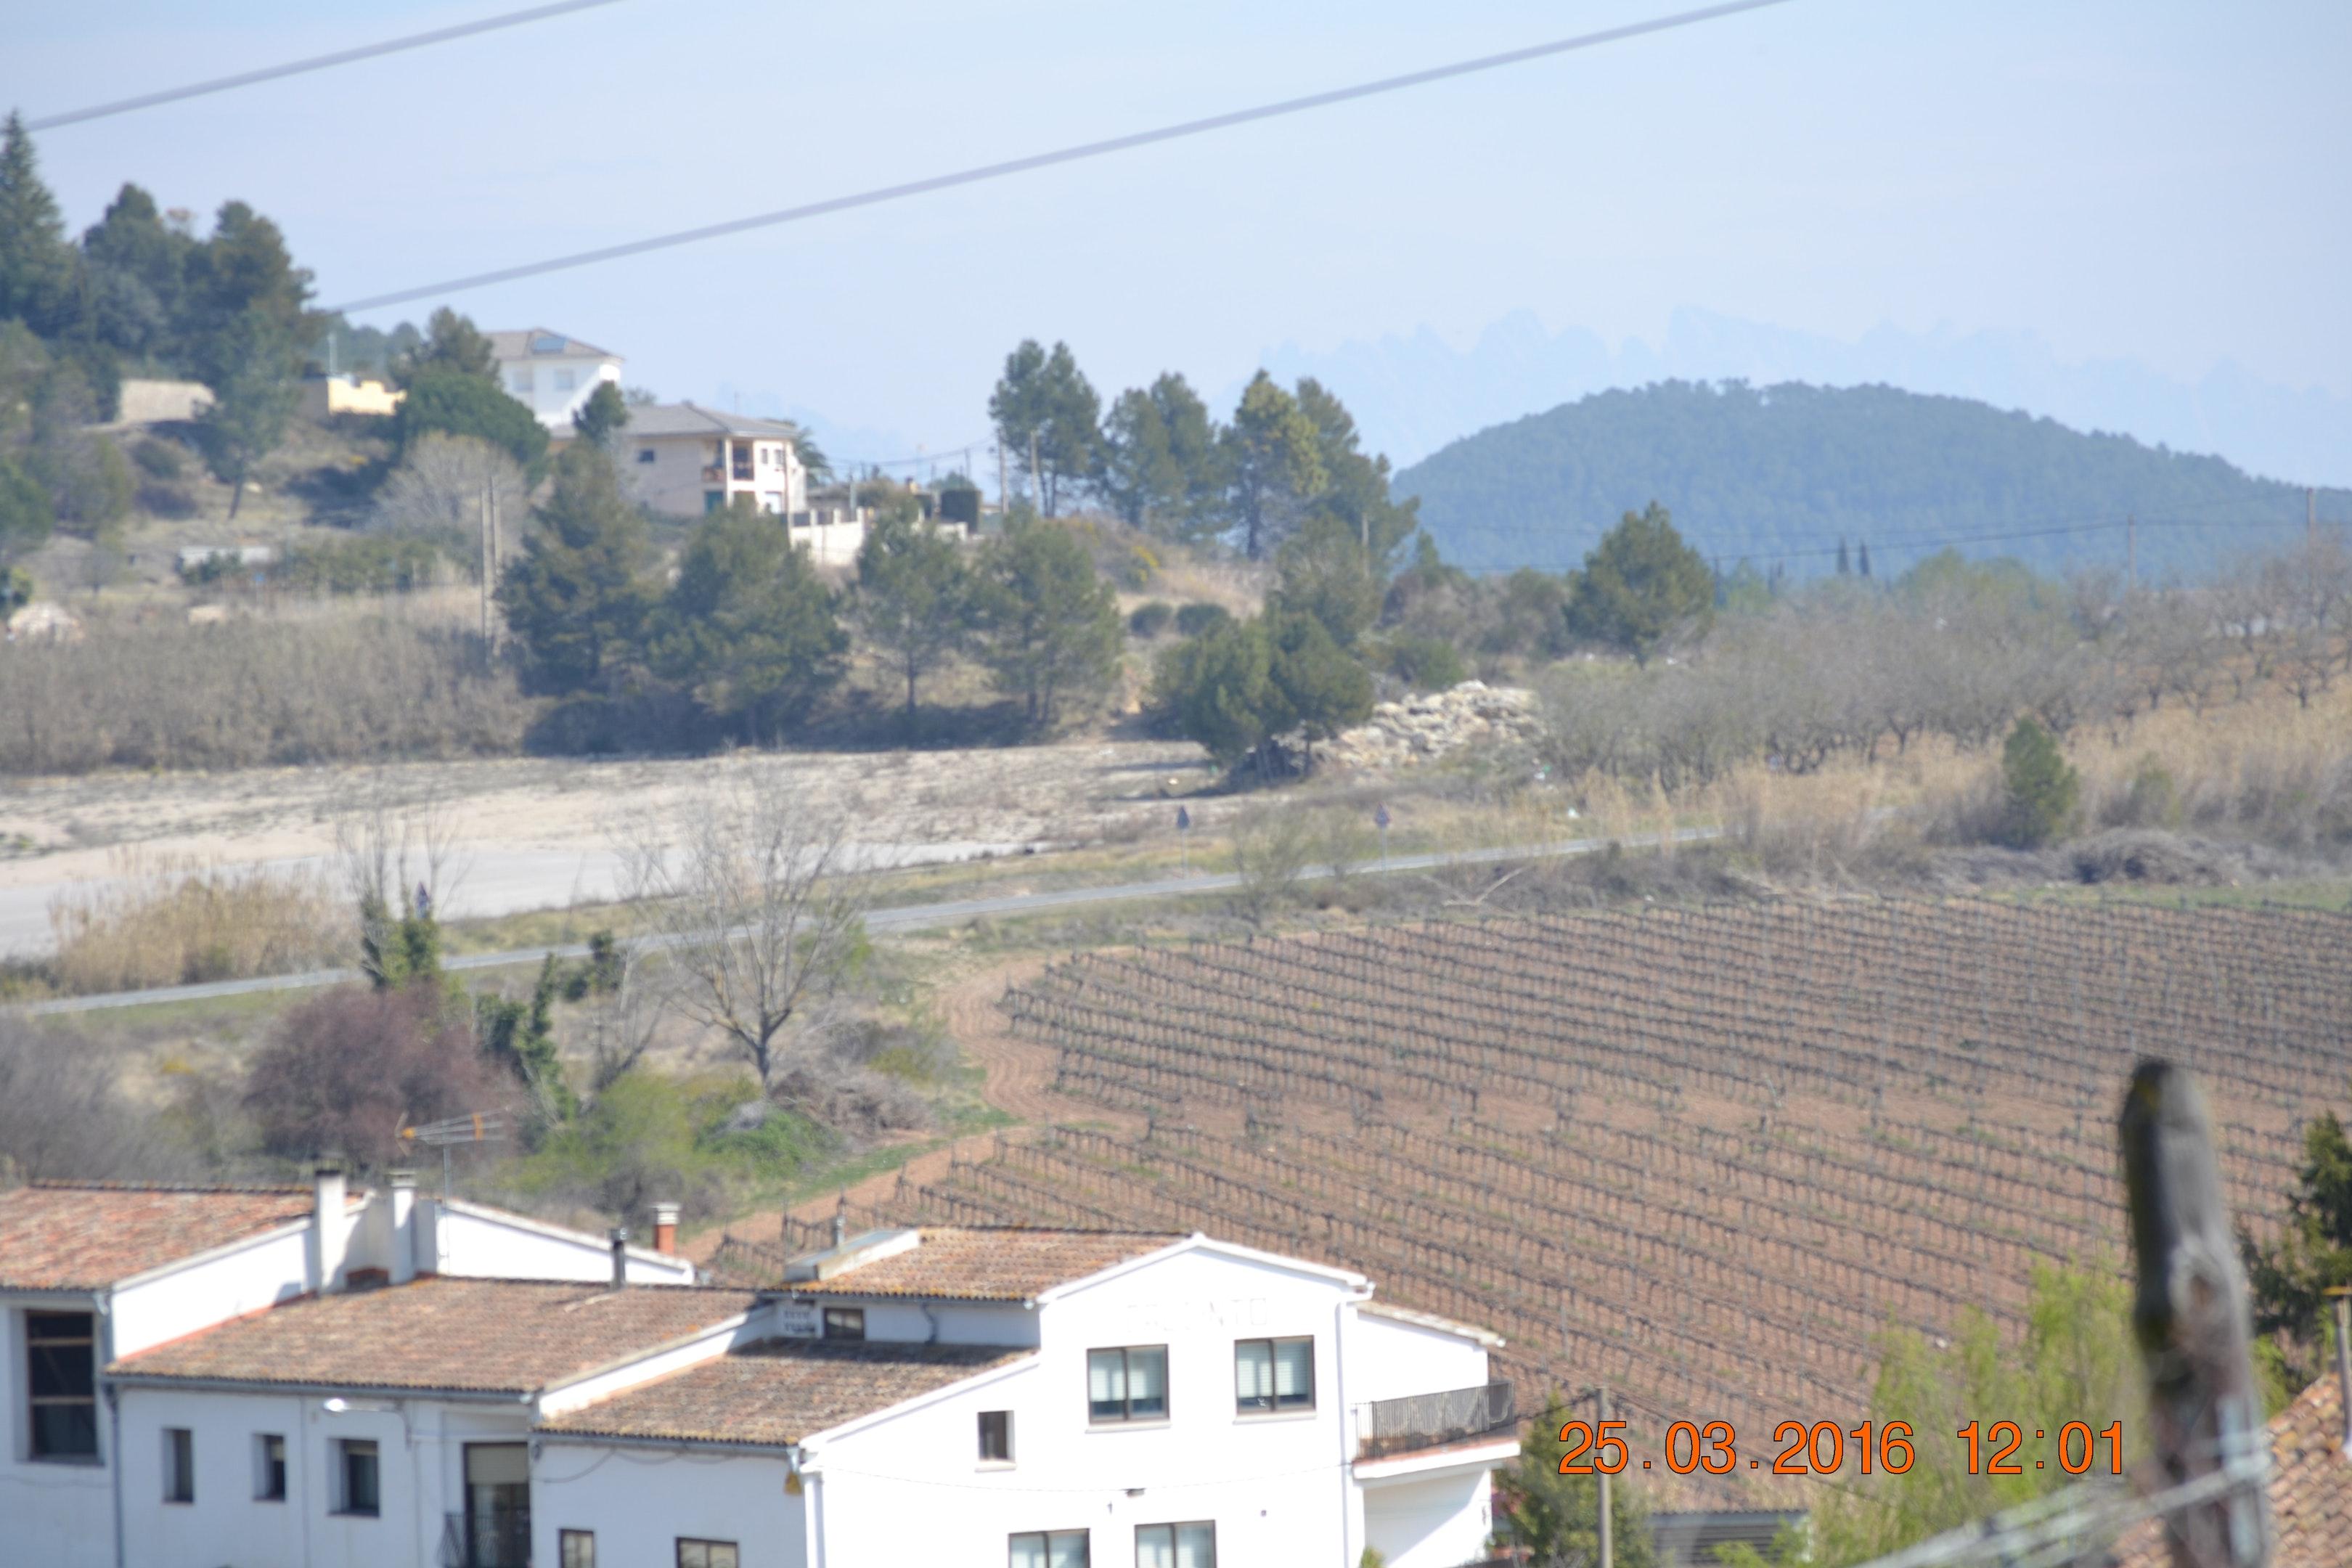 Ferienhaus Haus mit 4 Schlafzimmern in Sant Pere Sacarrera mit toller Aussicht auf die Berge, möblier (2217248), Sant Pere Sacarrera, Barcelona, Katalonien, Spanien, Bild 38